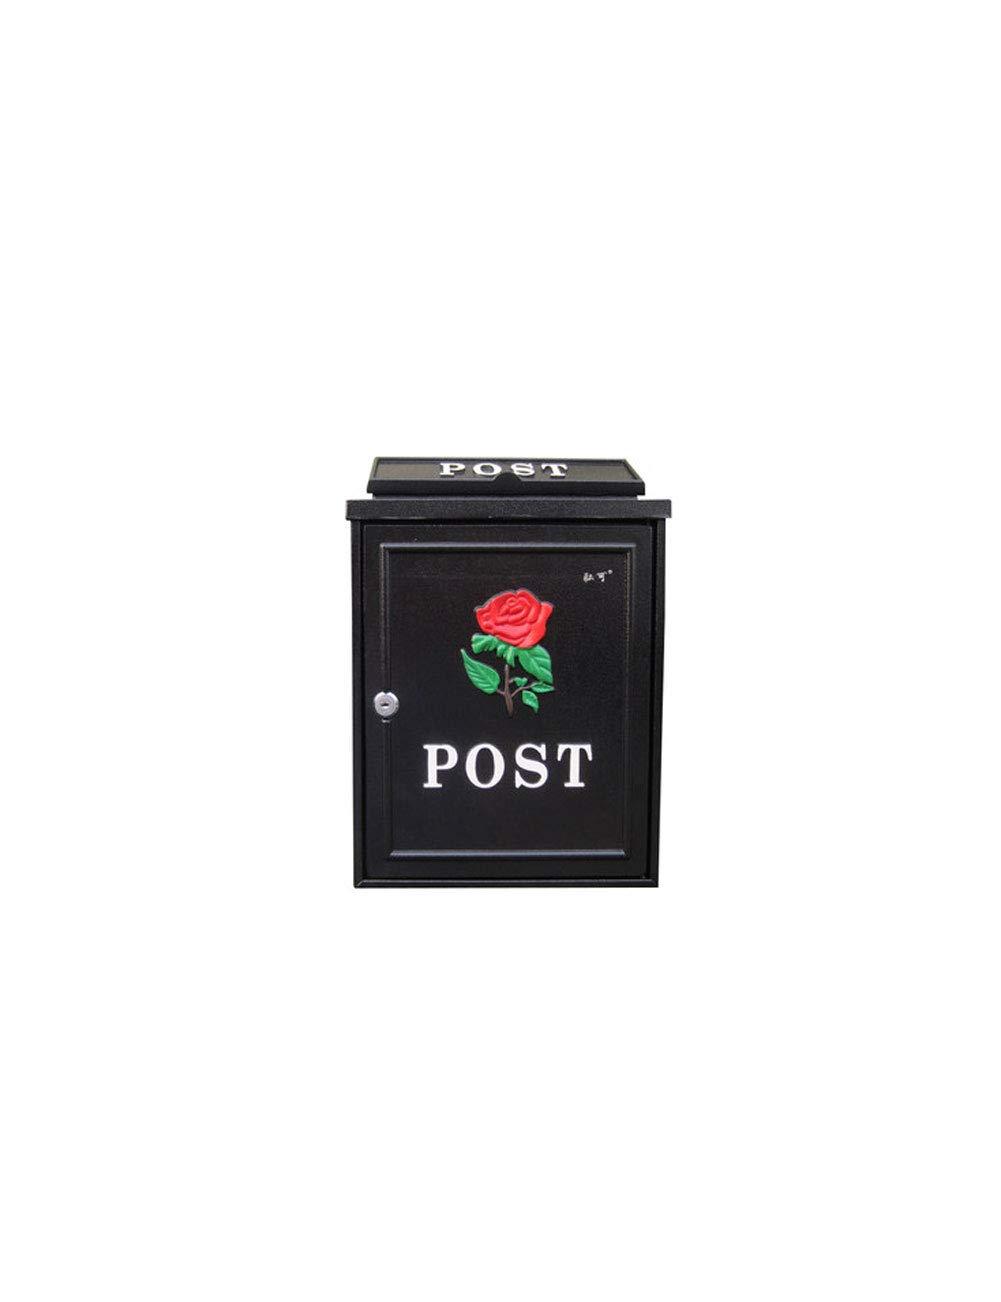 郵便箱屋外防水レターボックスの壁吊りクリエイティブポスト   B07H92MK2J